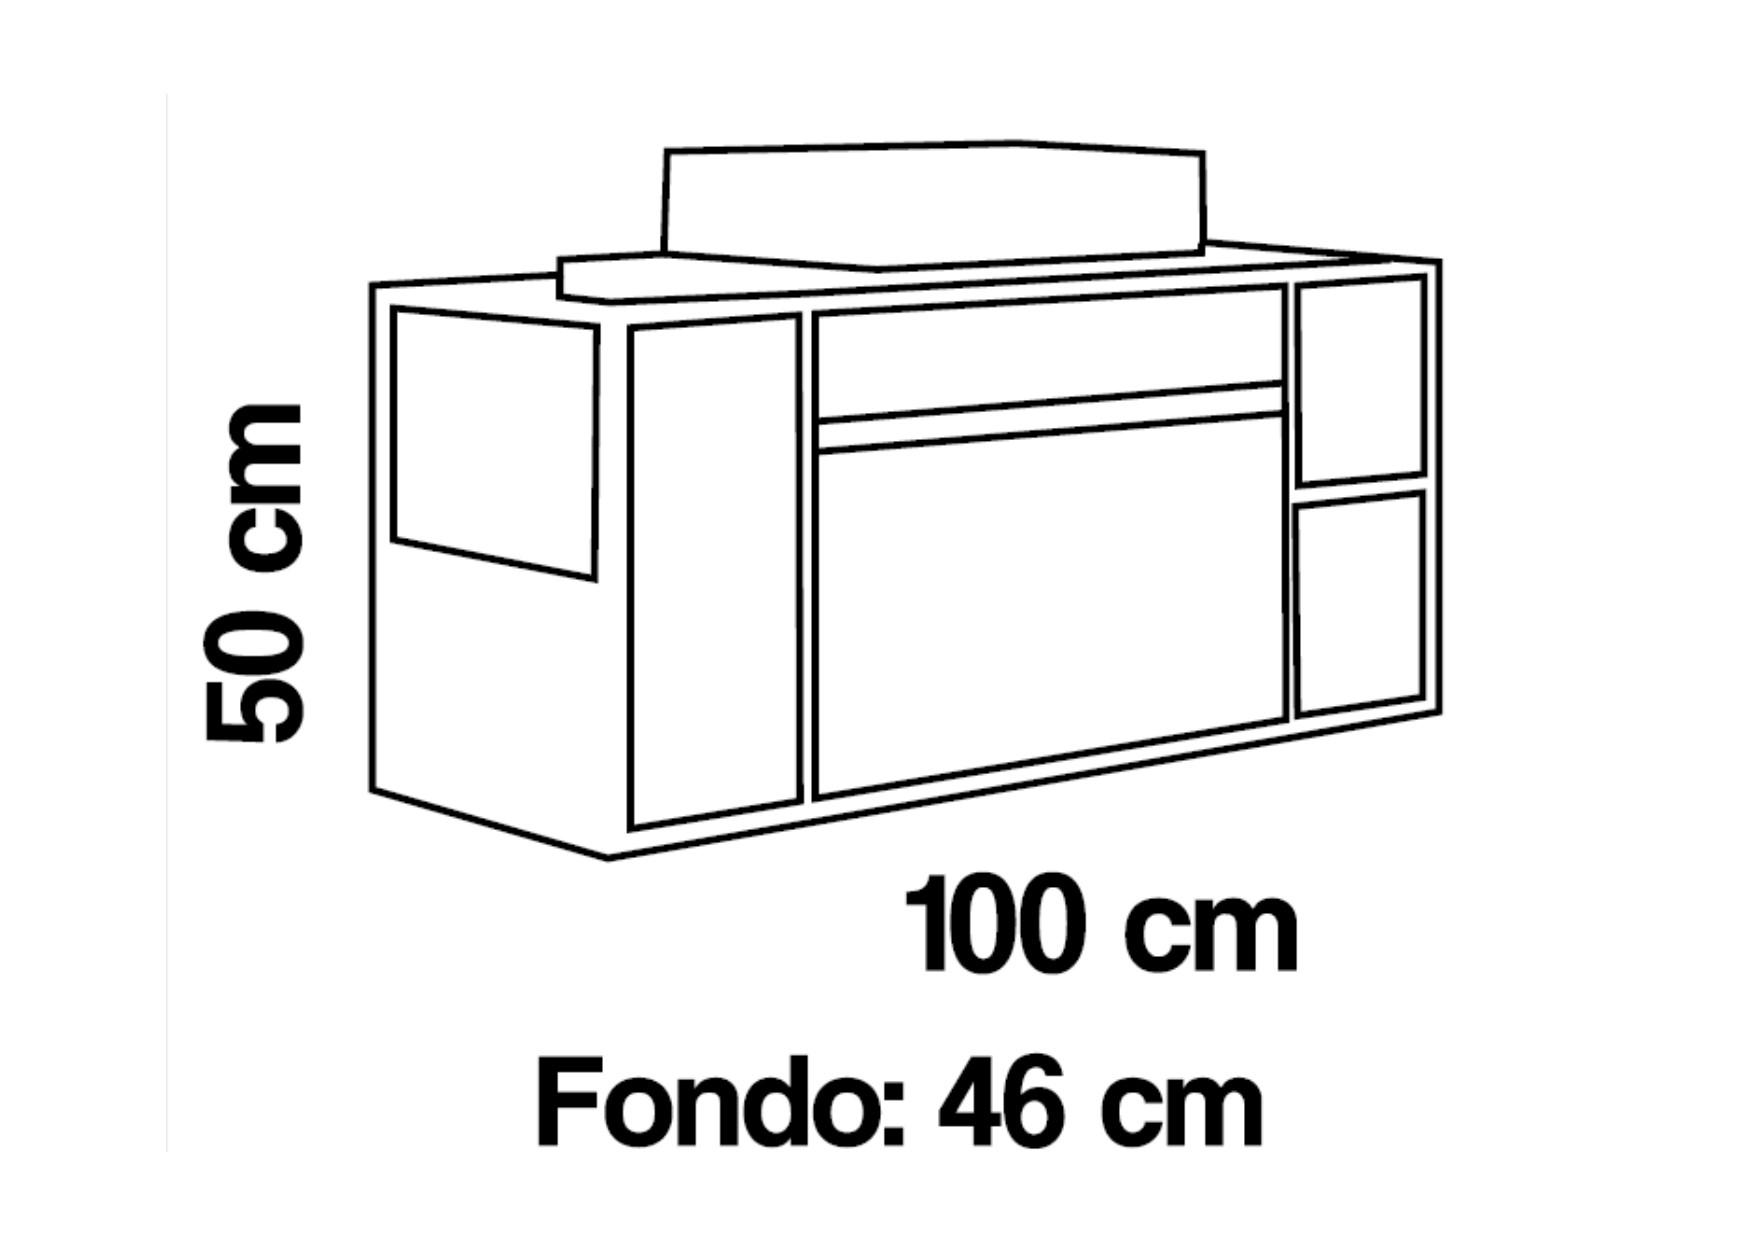 Medida Katus 100 cm